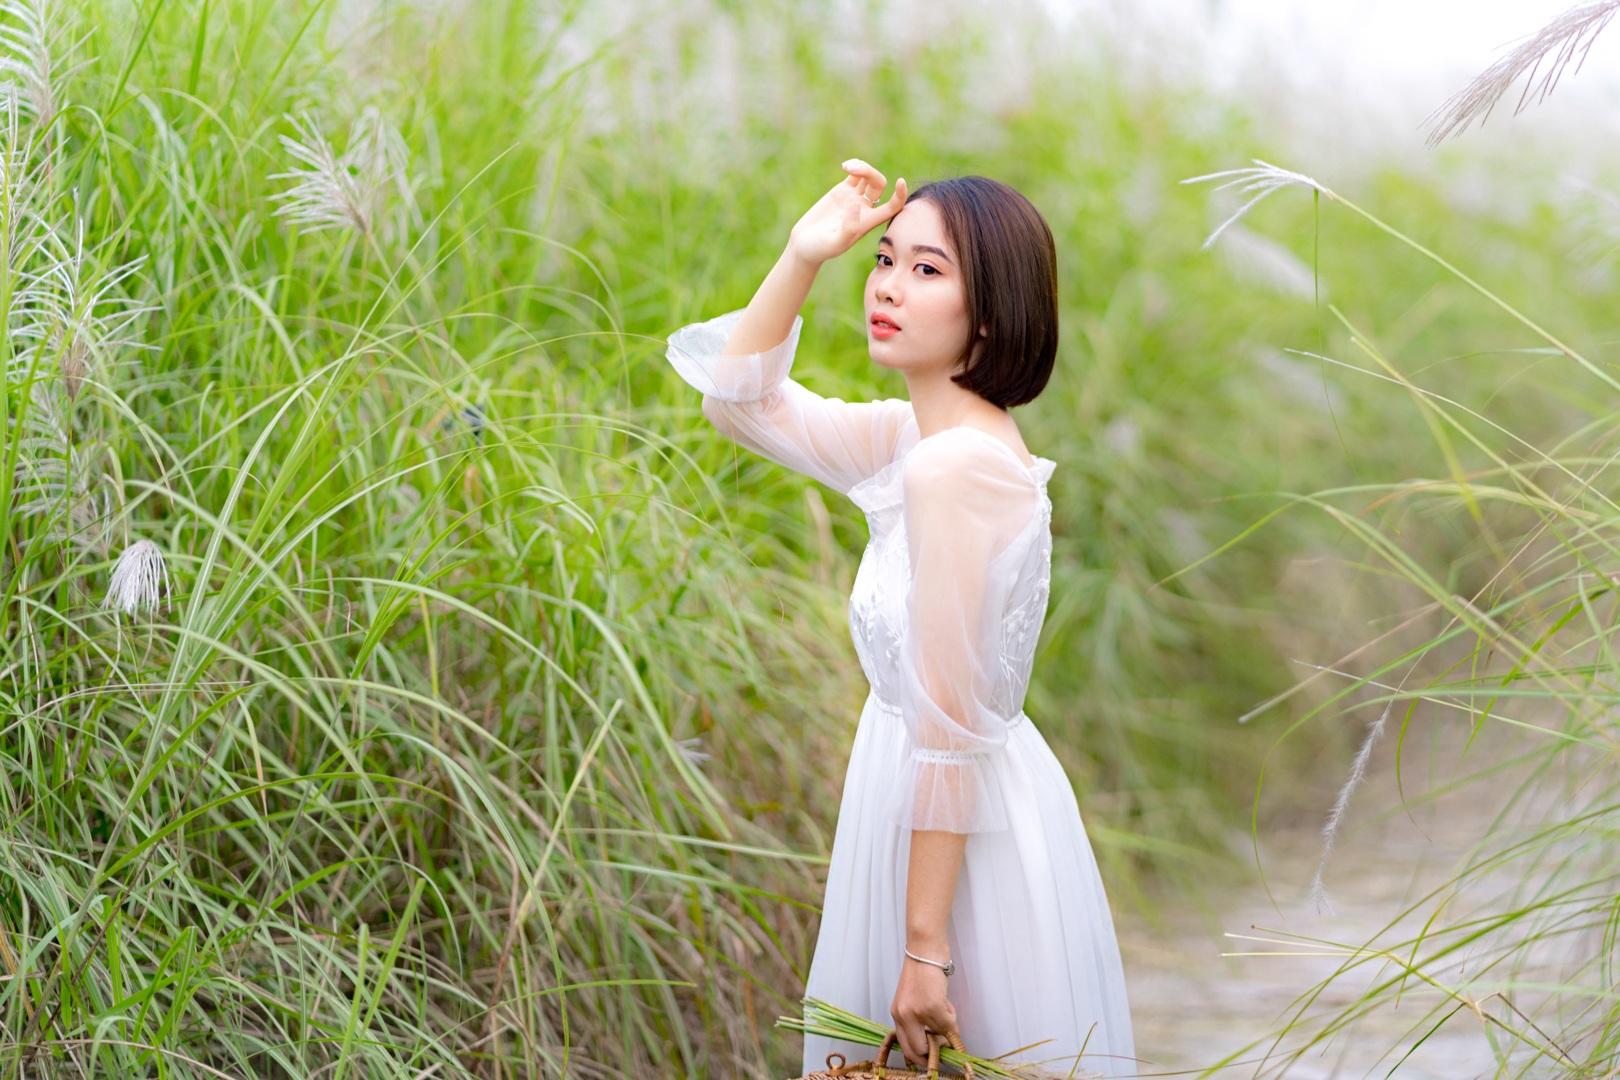 Bãi cỏ lau trắng tuyệt đẹp hút giới trẻ Hà thành tới sống ảo - 2